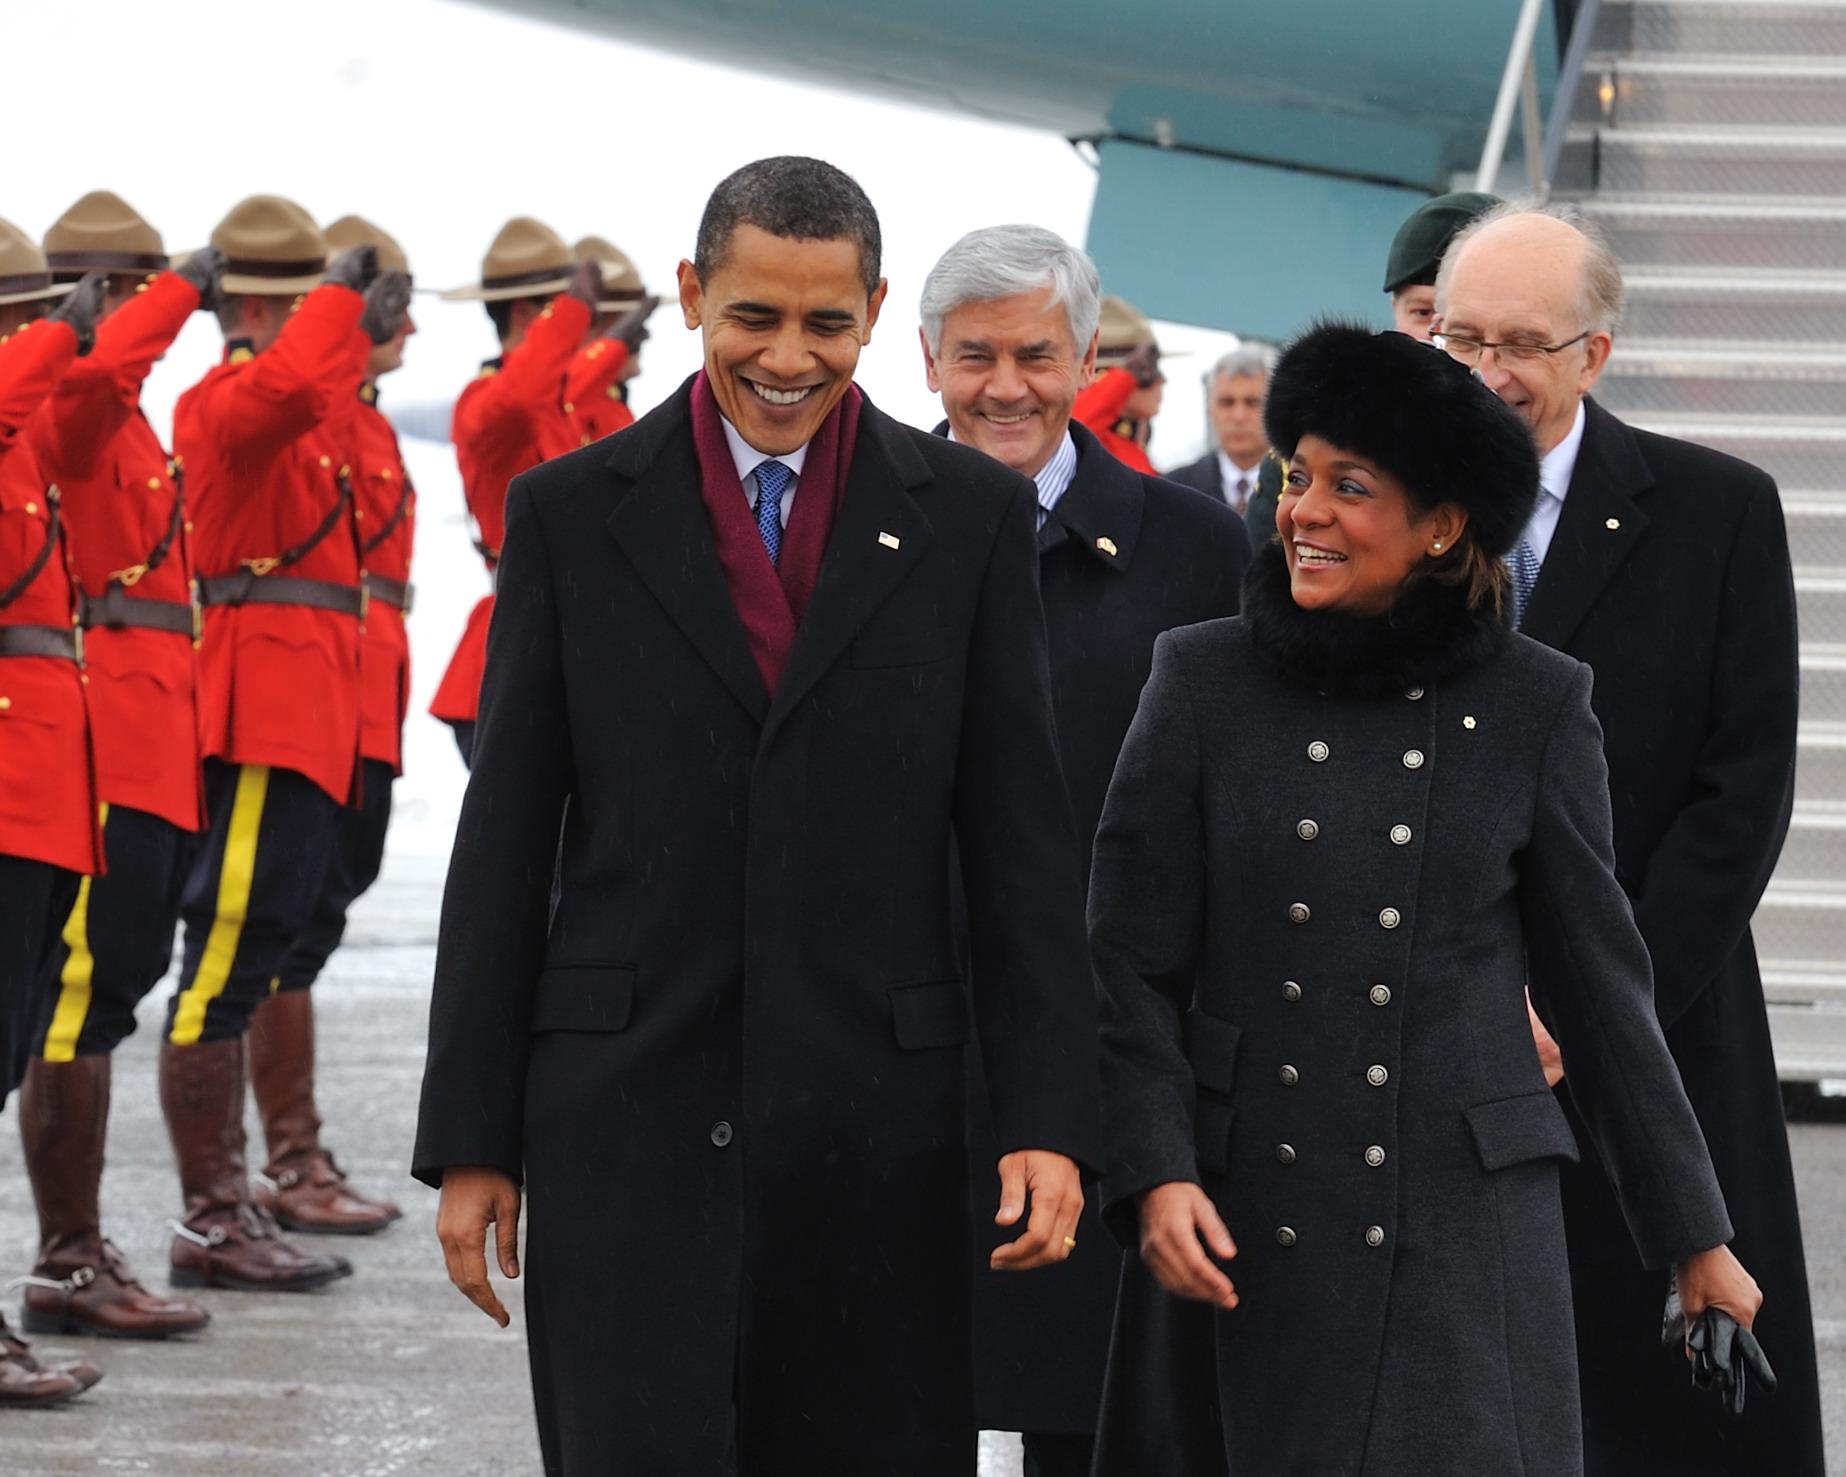 Ottawa, 19 février 2009 — Leurs Excellences, la très honorable Michaëlle Jean, gouverneure générale du Canada, et monsieur Jean-Daniel Lafond accueillent l'honorable Barack H. Obama, président des États-Unis d'Amérique, à son arrivée àOttawa pour une journée de rencontres officielles.